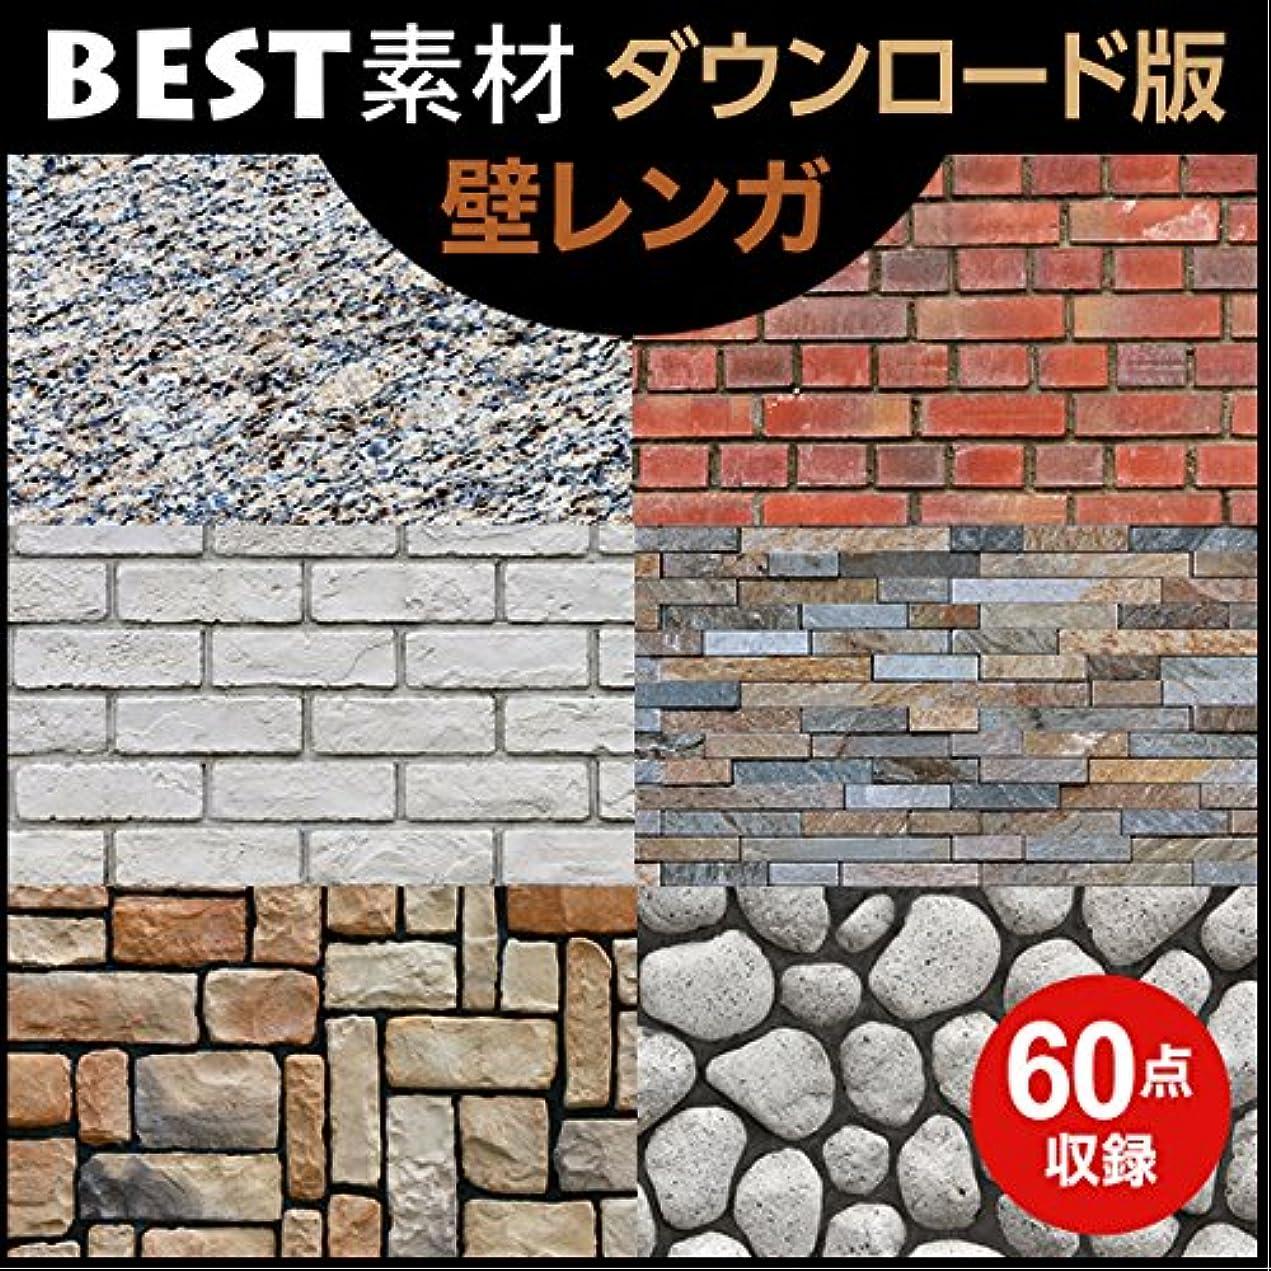 荒れ地スクラブメタリック【BEST素材】壁レンガ|ダウンロード版